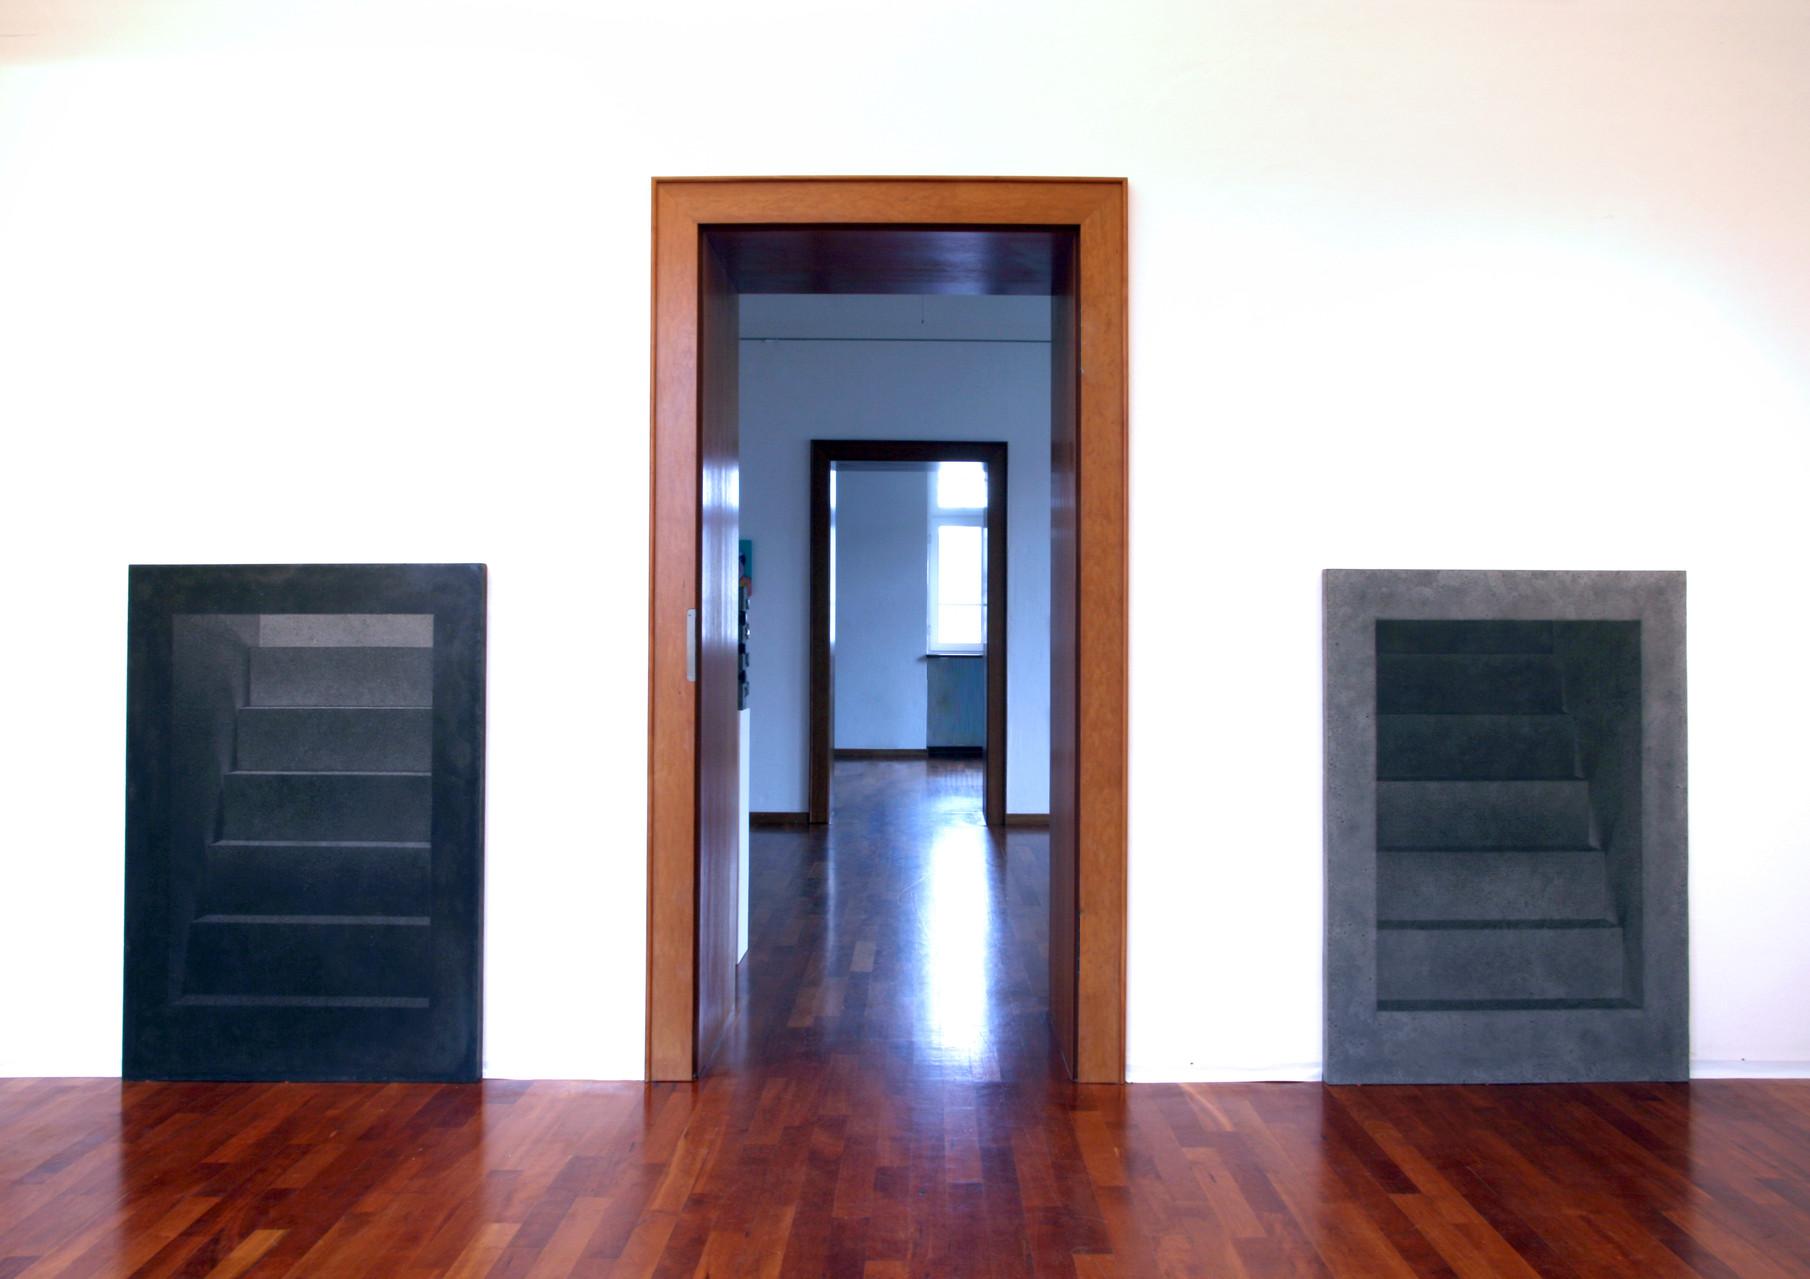 """""""Zugang l"""", Betonplatte/Gravur, 123 x 90 x 5,  2008  -                                                      """"Zugang ll"""", Betonplatte/Gravur, 123 x 90 x 5,  2008"""